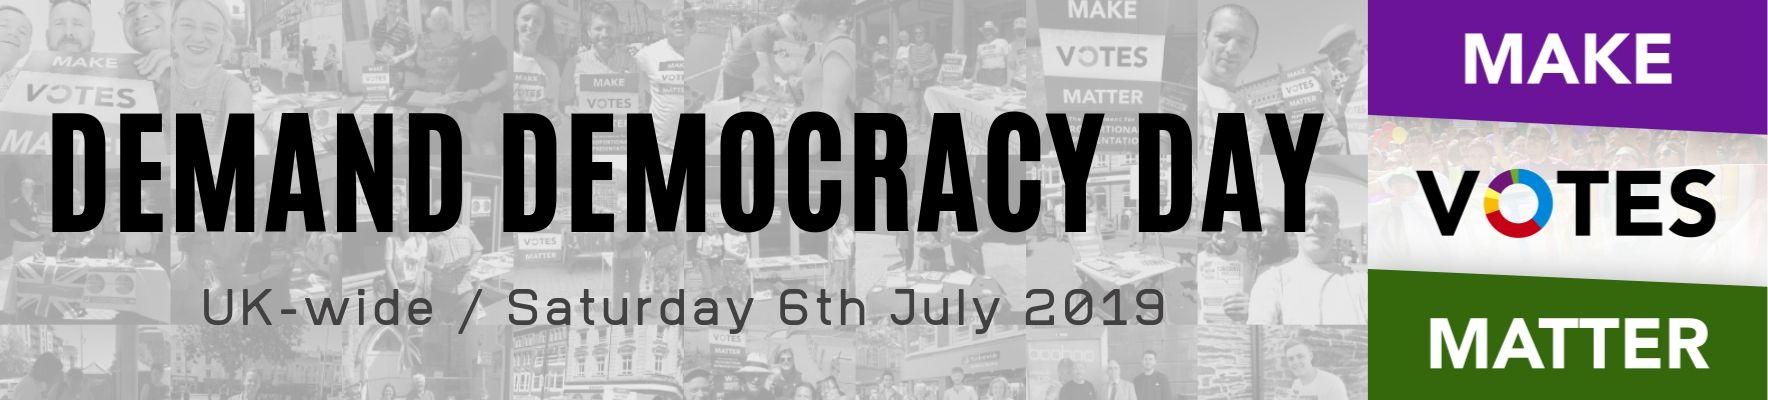 Demand Democracy Day 2019 banner.jpg